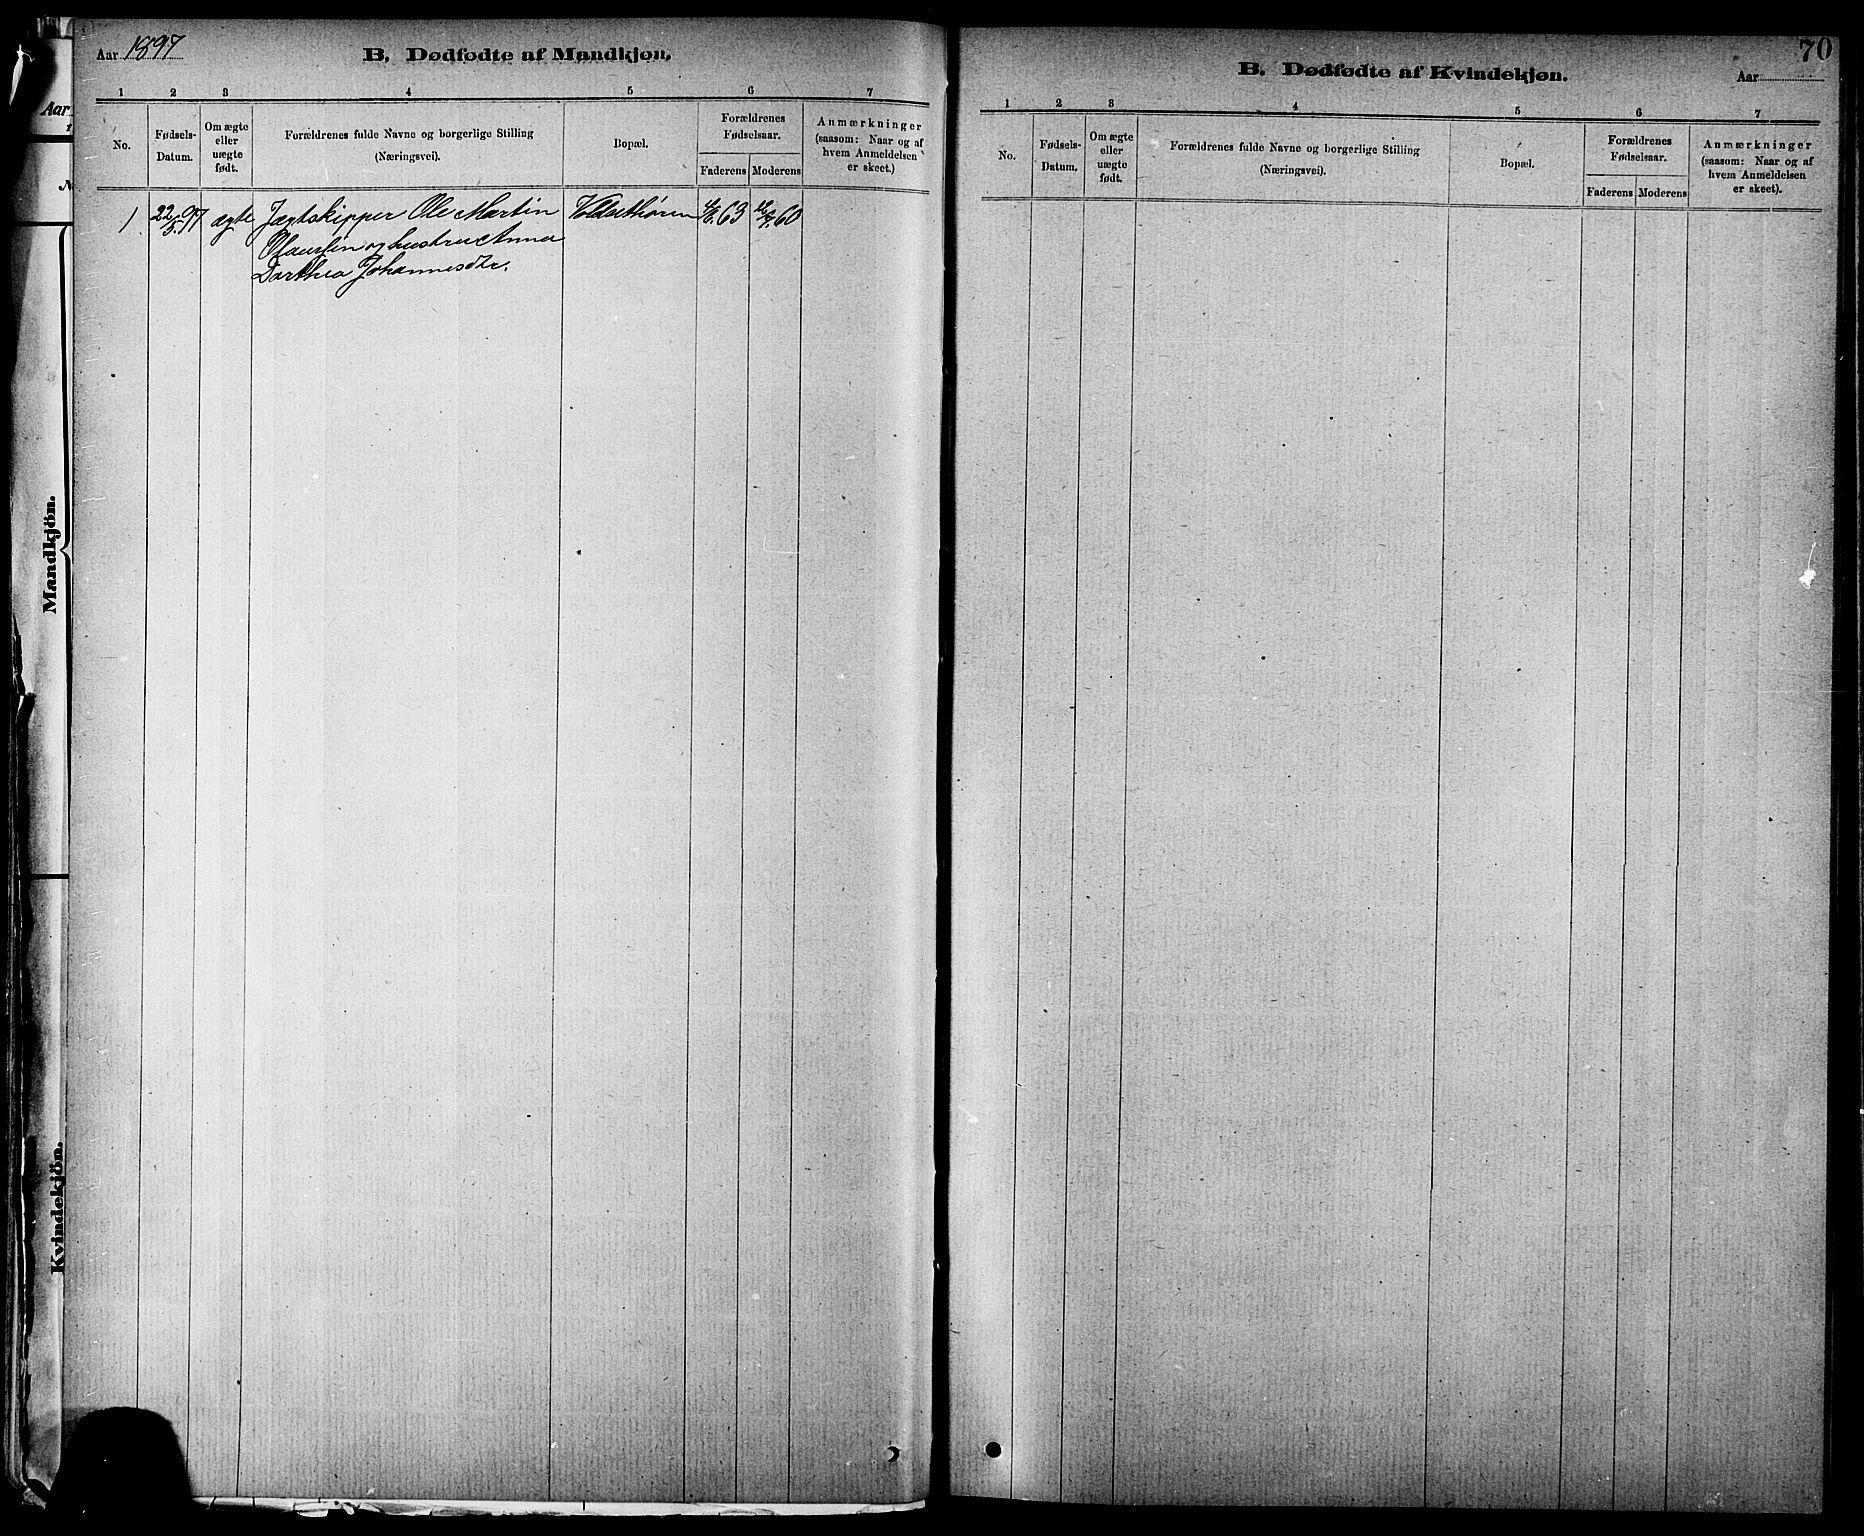 SAT, Ministerialprotokoller, klokkerbøker og fødselsregistre - Nord-Trøndelag, 744/L0423: Klokkerbok nr. 744C02, 1886-1905, s. 70